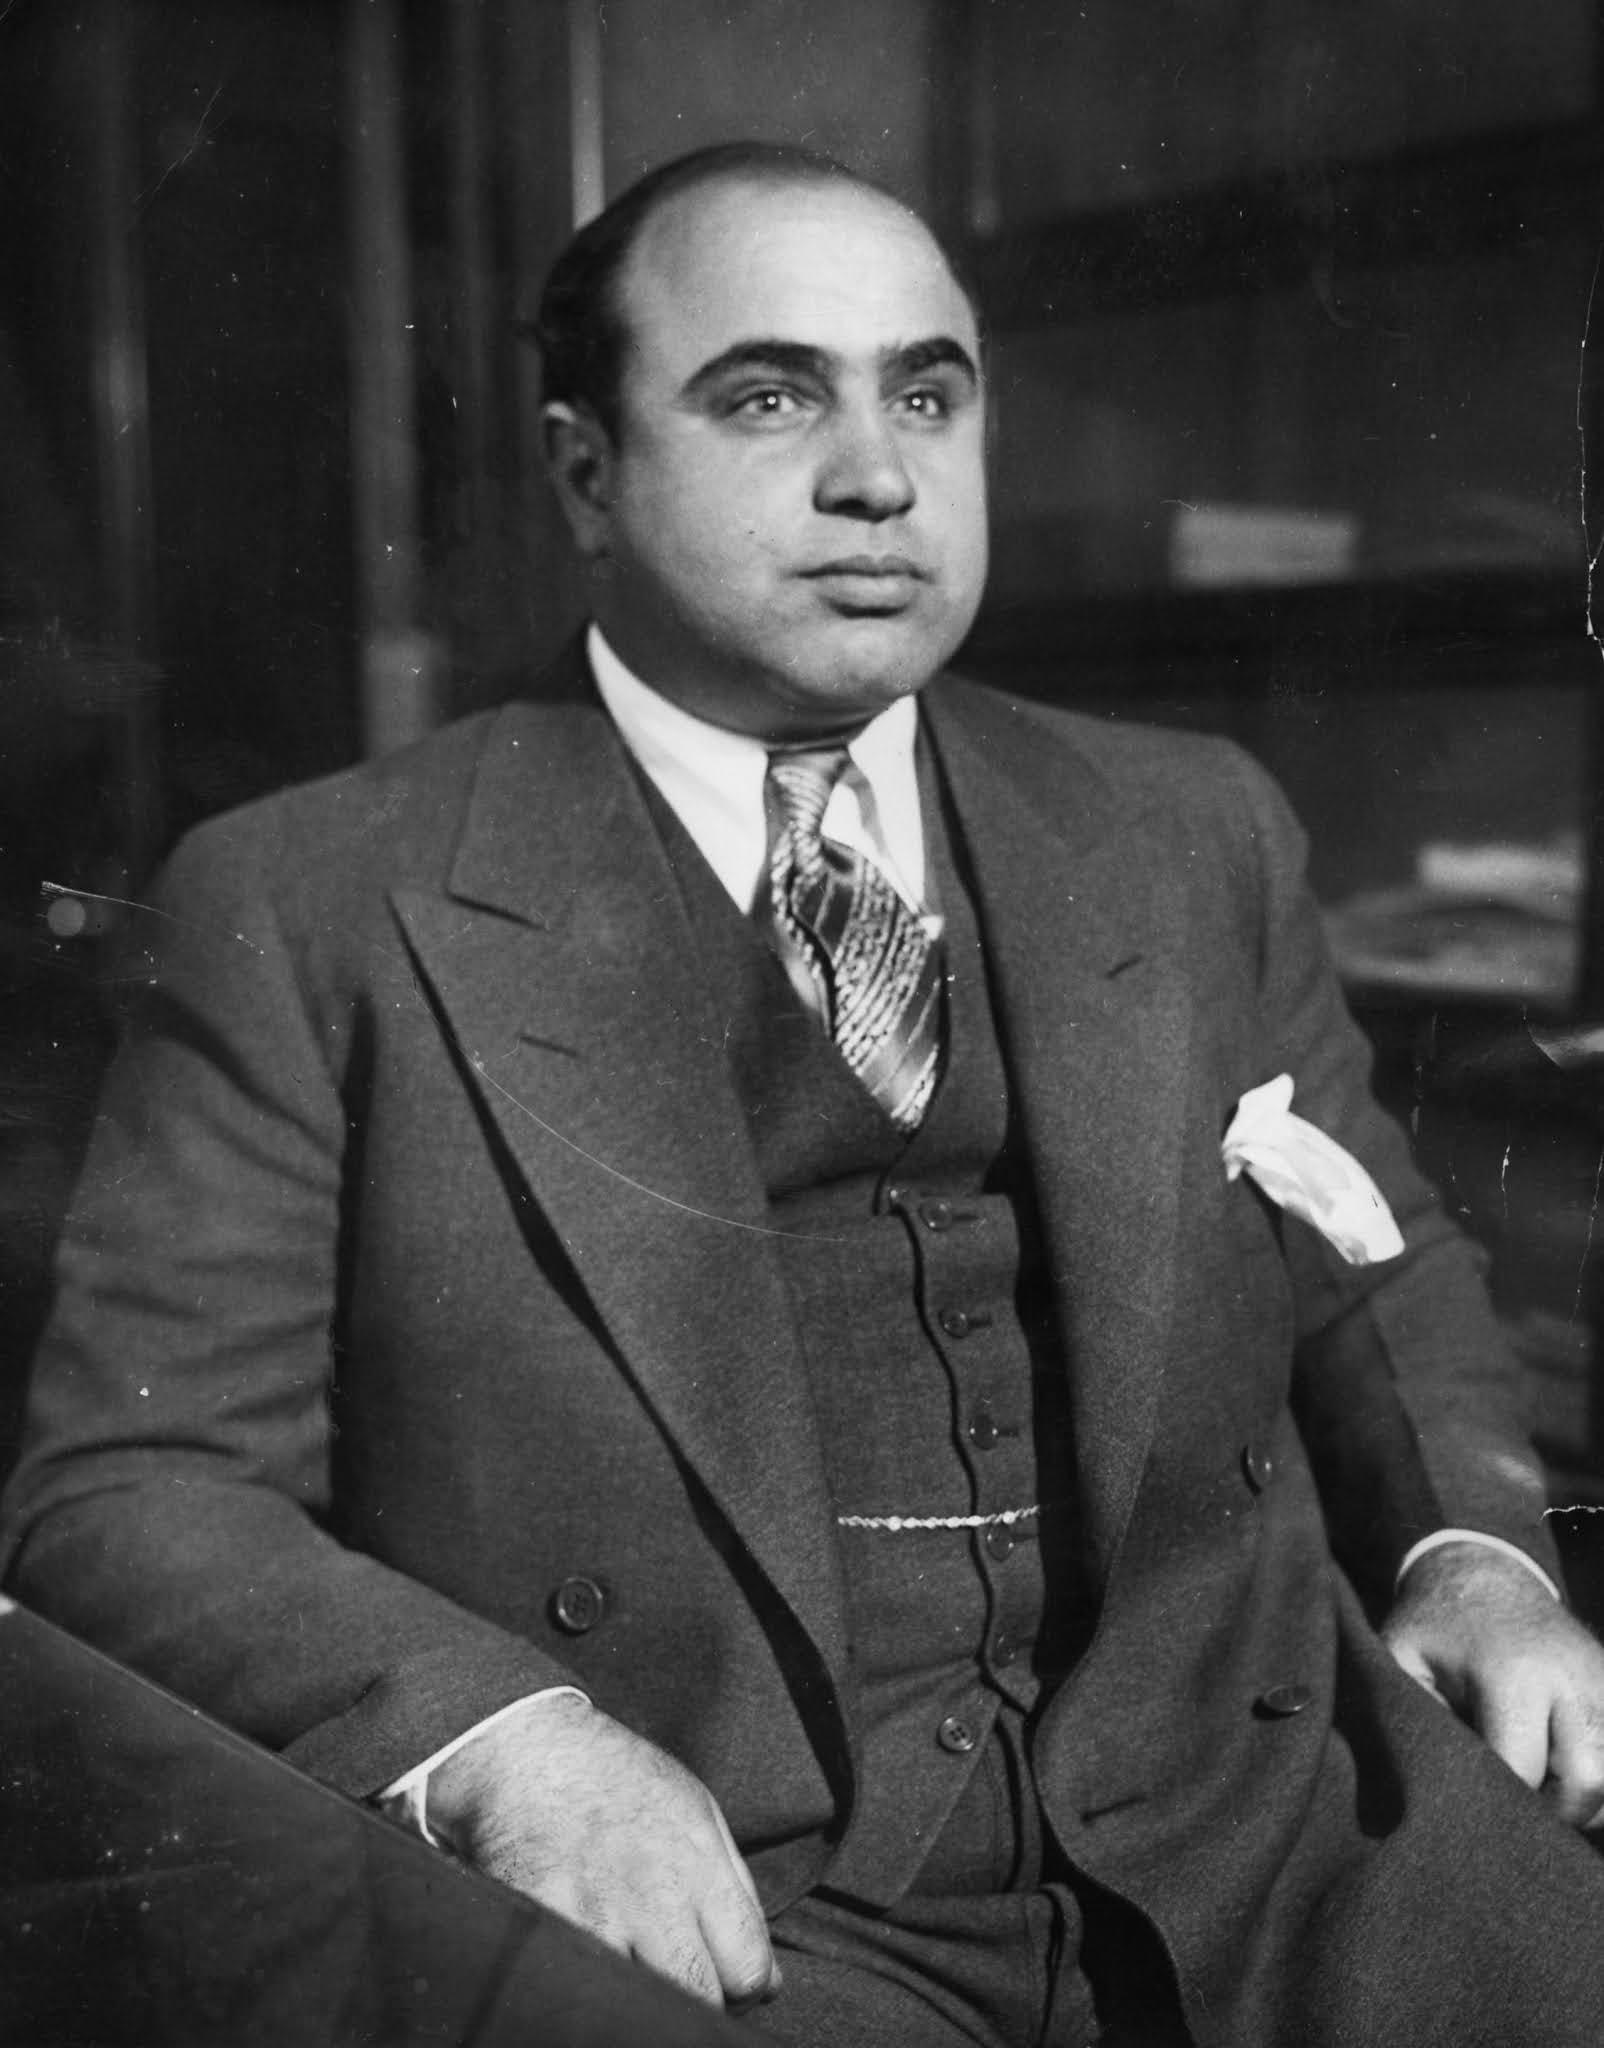 Podobno Al Capone miał duży wpływ na wprowadzenie daty przydatności do spożycia